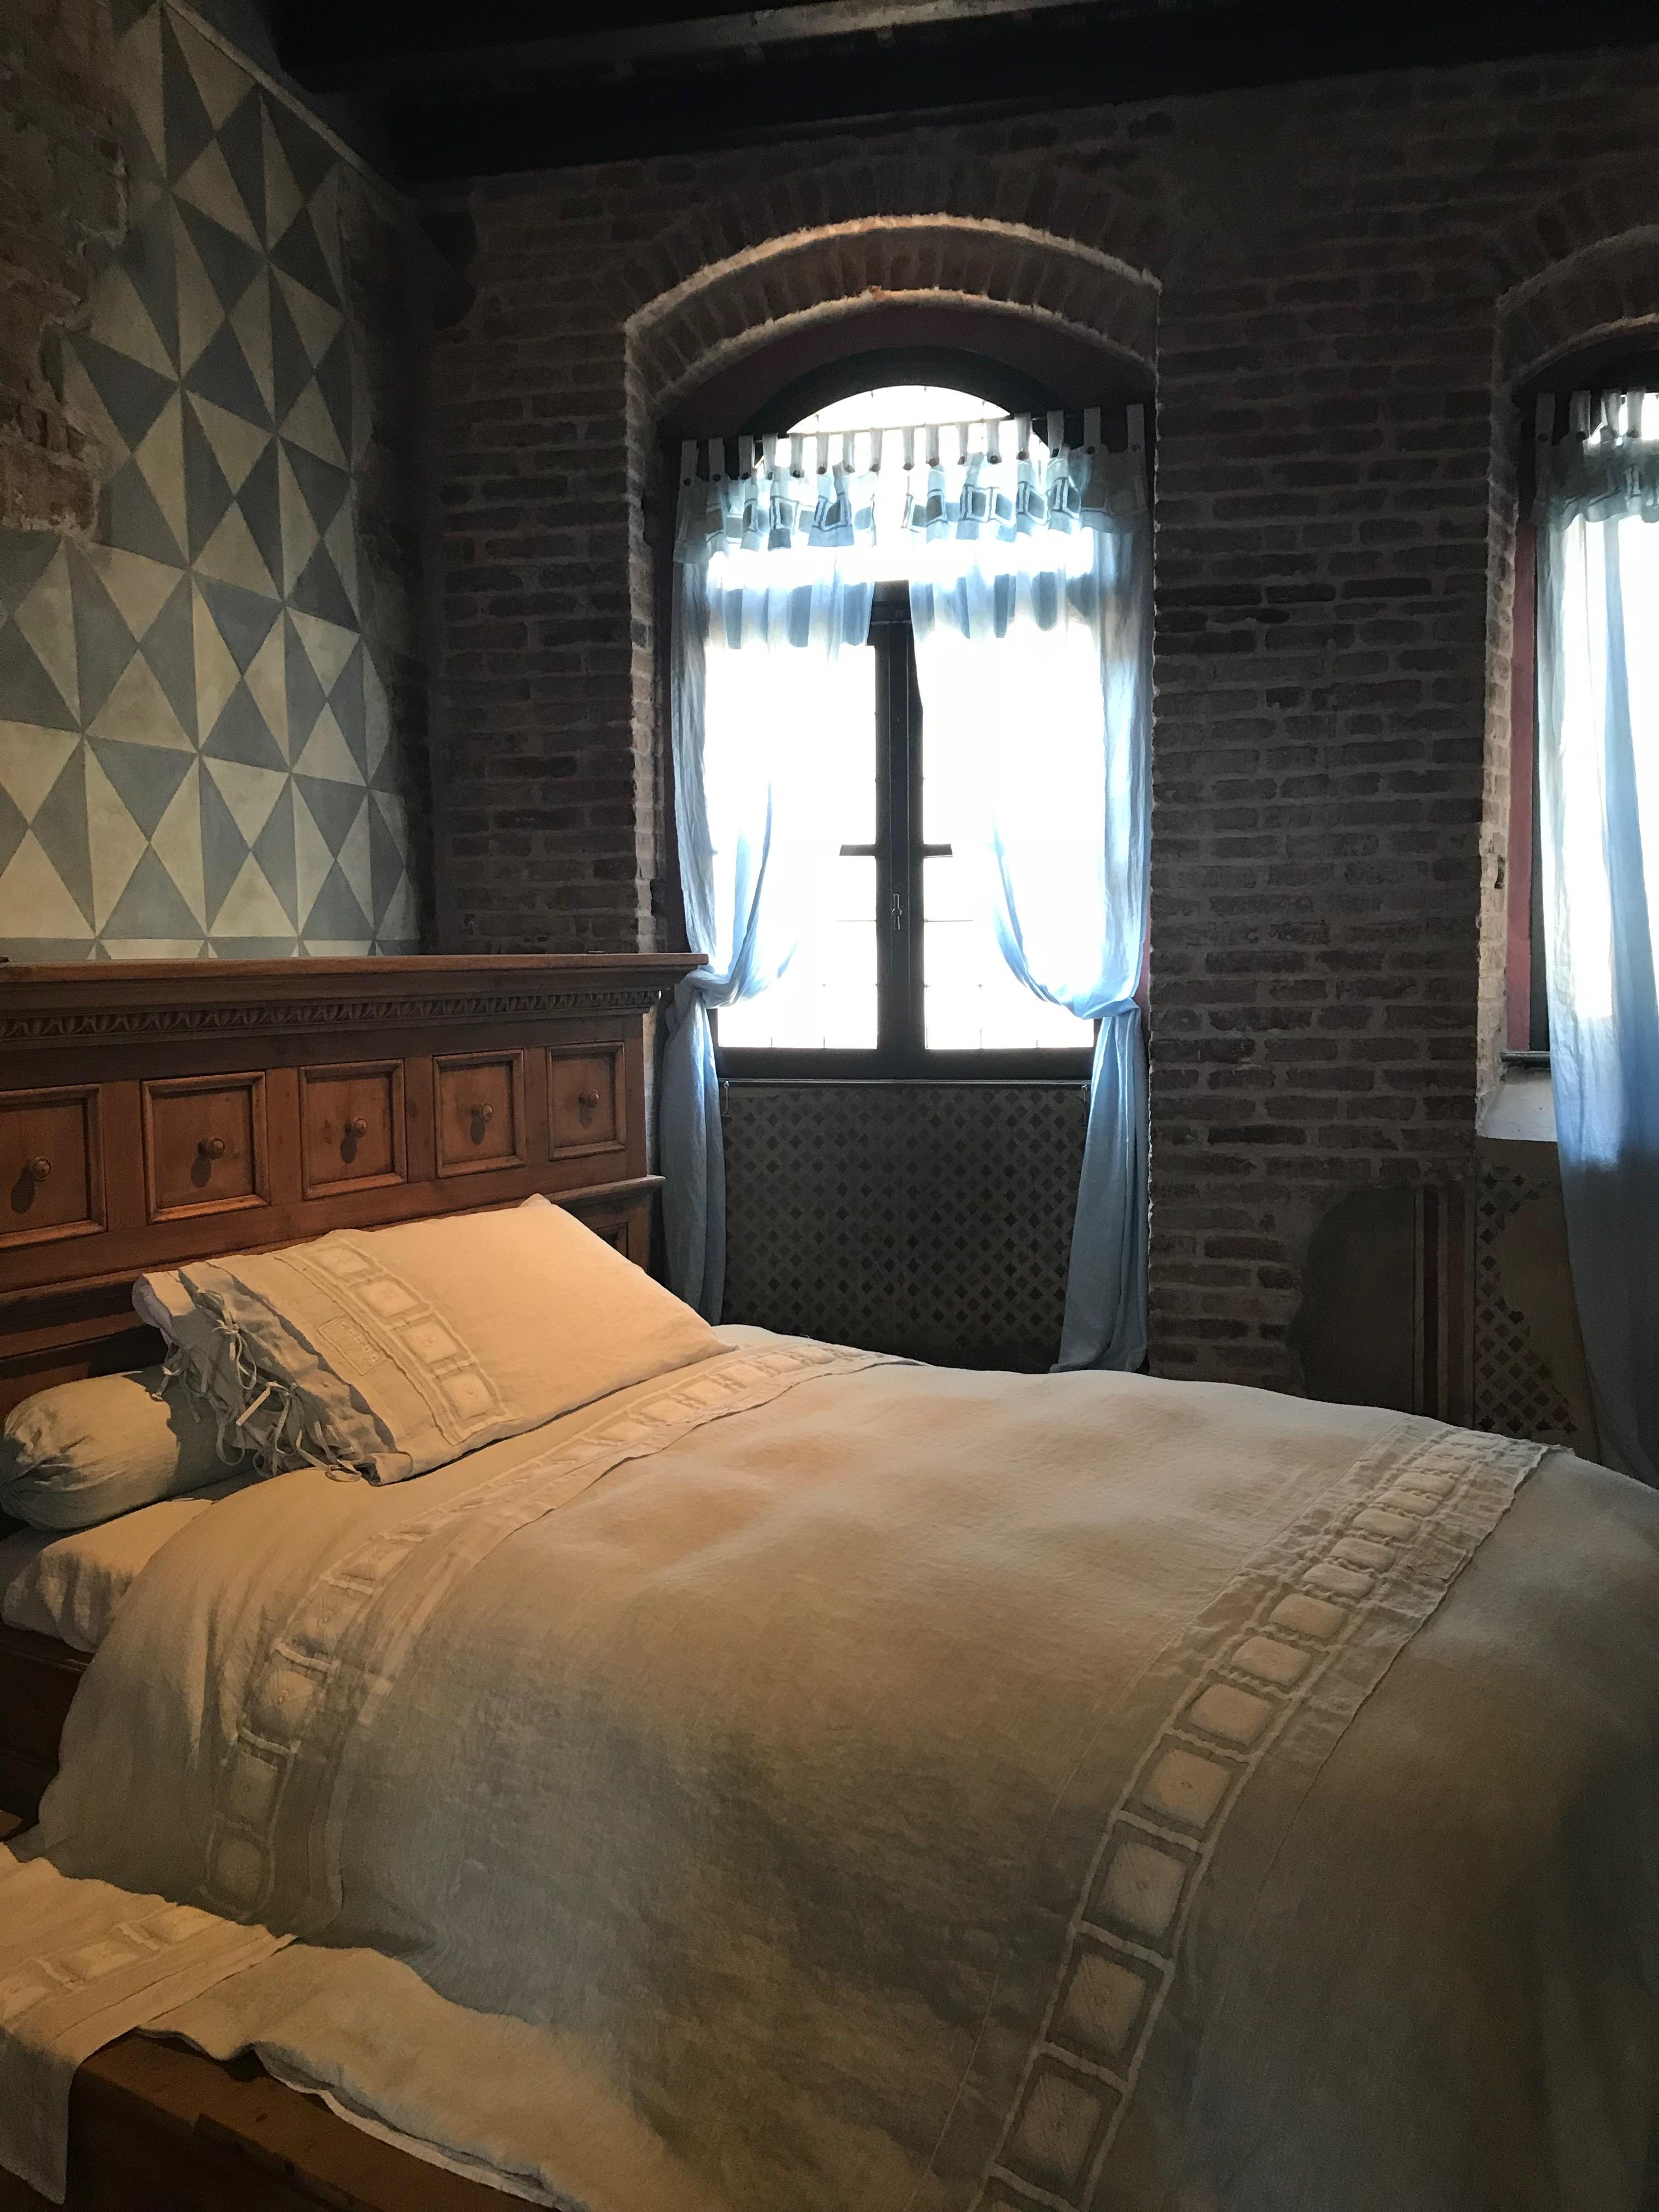 Verona Juliet's House